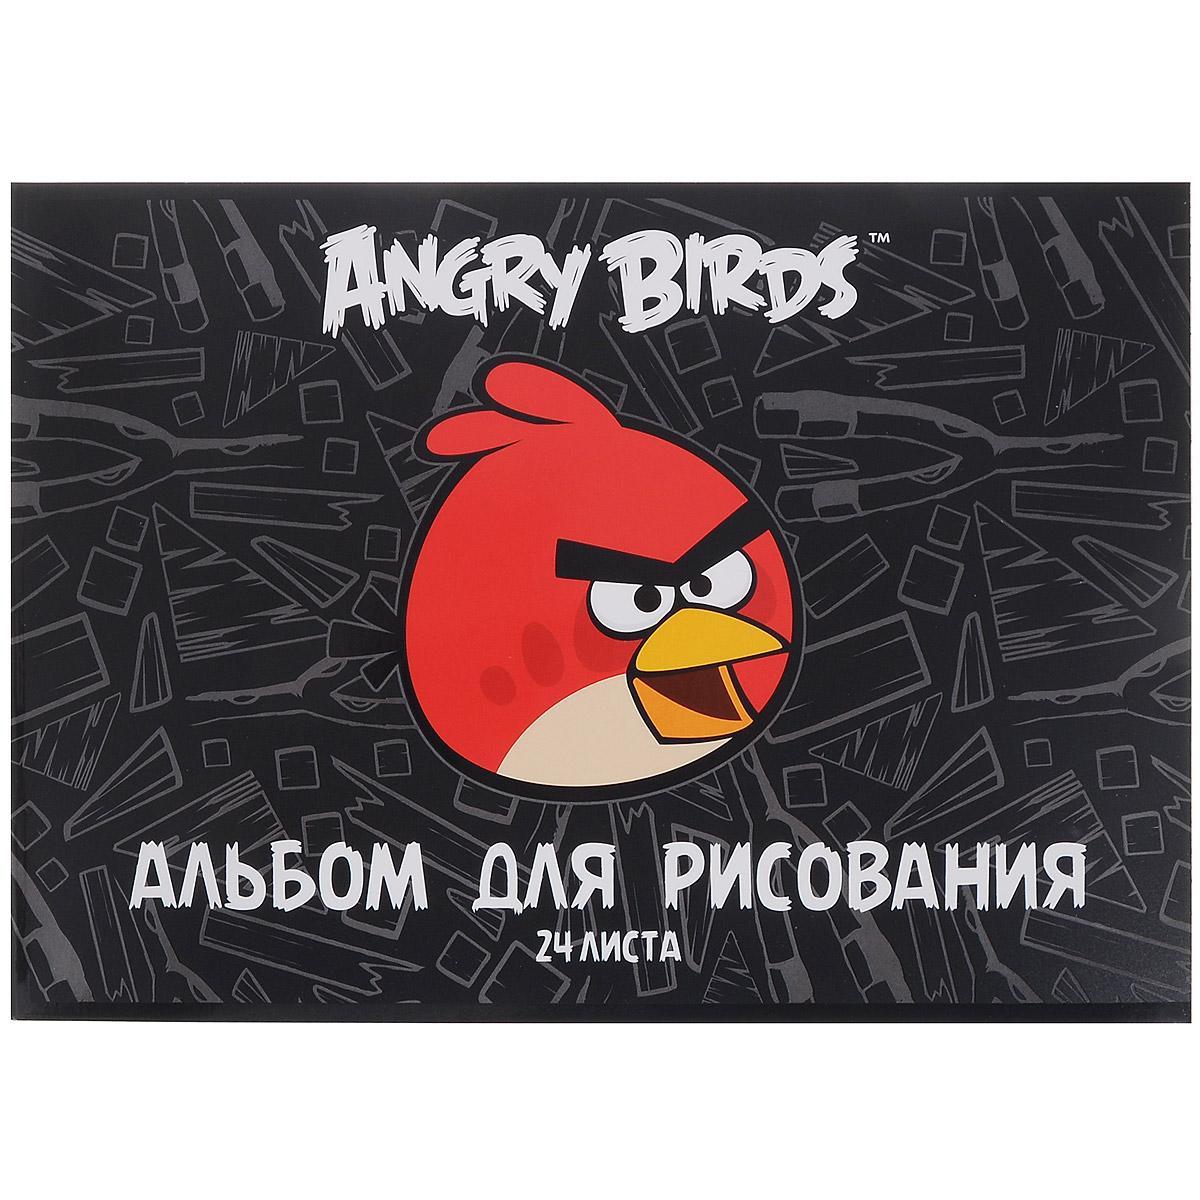 Альбом для рисования Angry Birds, 24 листа. 24А4вмB_1040224А4вмB_10402Альбом для рисования Angry Birds с ярким изображением любимого мультипликационного героя на обложке будет радовать и вдохновлять юных художников на творческий процесс. Бумага альбома отличается высокой прочностью. Обложка выполнена из мелованного картона. Крепление - скрепки. Рисование позволяет развивать творческие способности, кроме того, это увлекательный досуг.Рекомендуемый возраст: 6+.